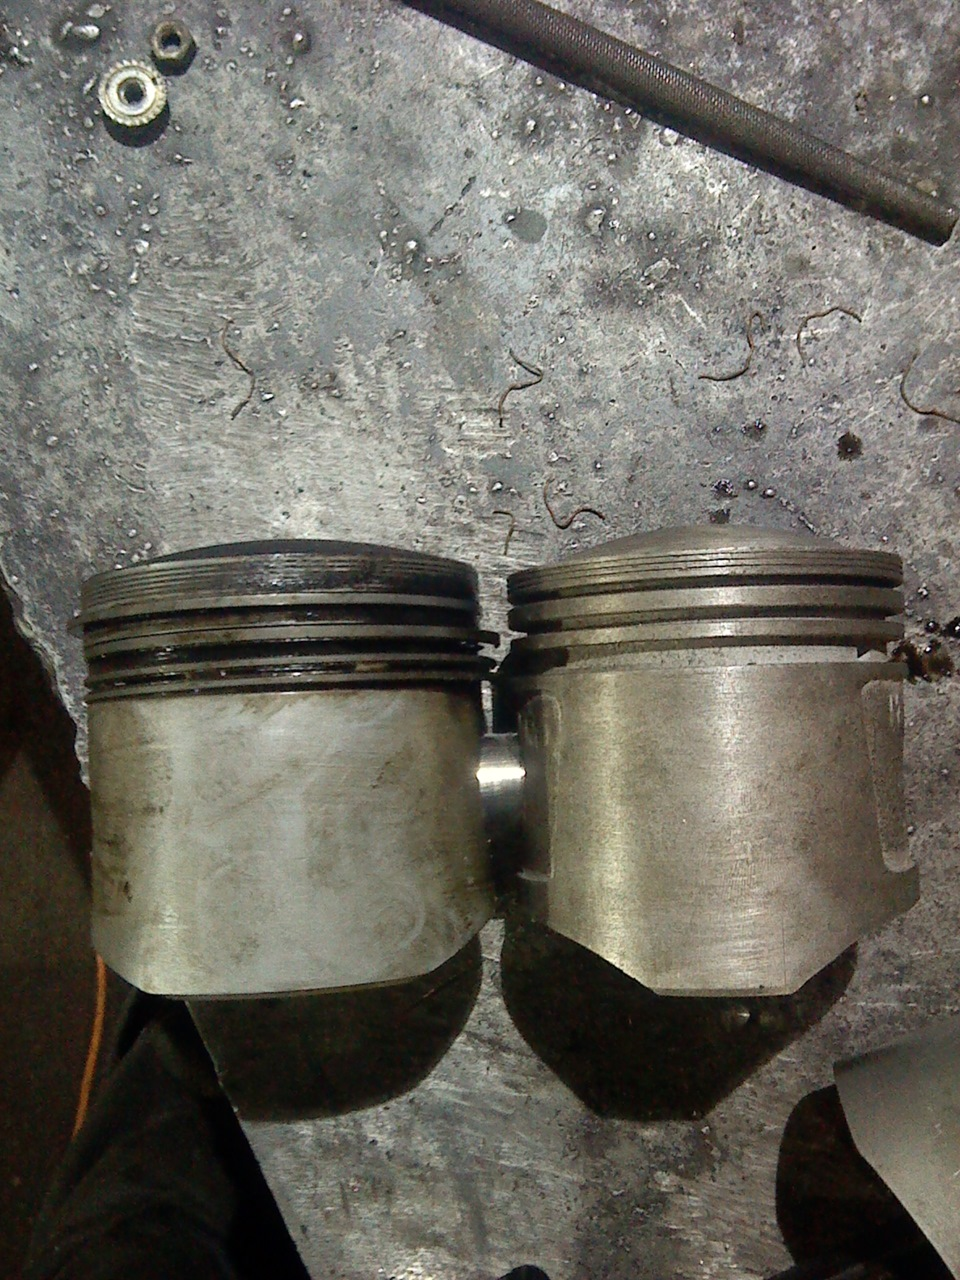 Заключались в установке двигателя узам-33110 рабочим объемом 1,5 литра и москвич-2141) от базовой модели